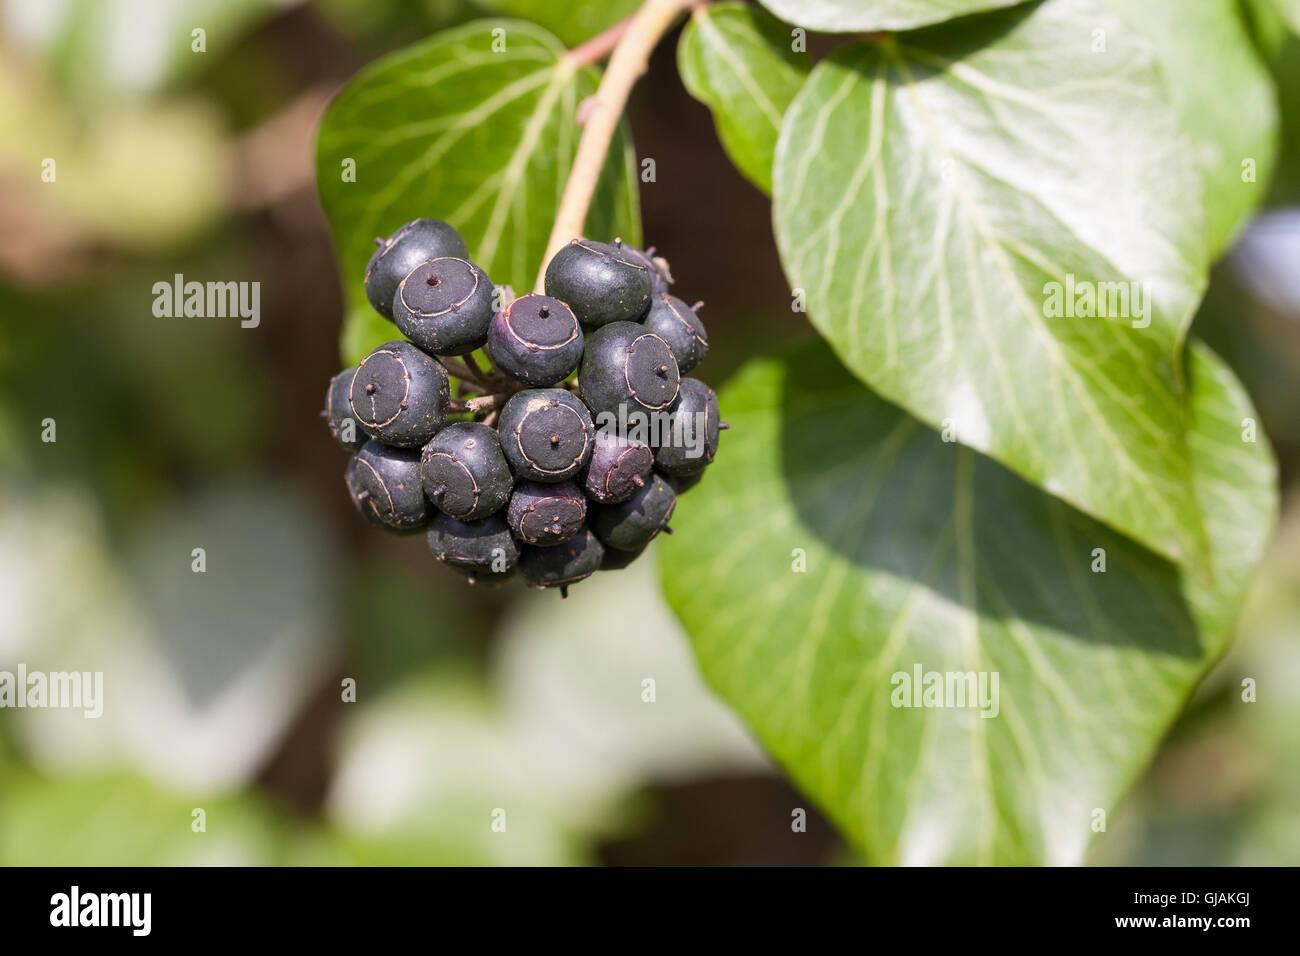 Efeu Frucht Früchte Beere Beeren Hedera Helix Common Ivy Stock